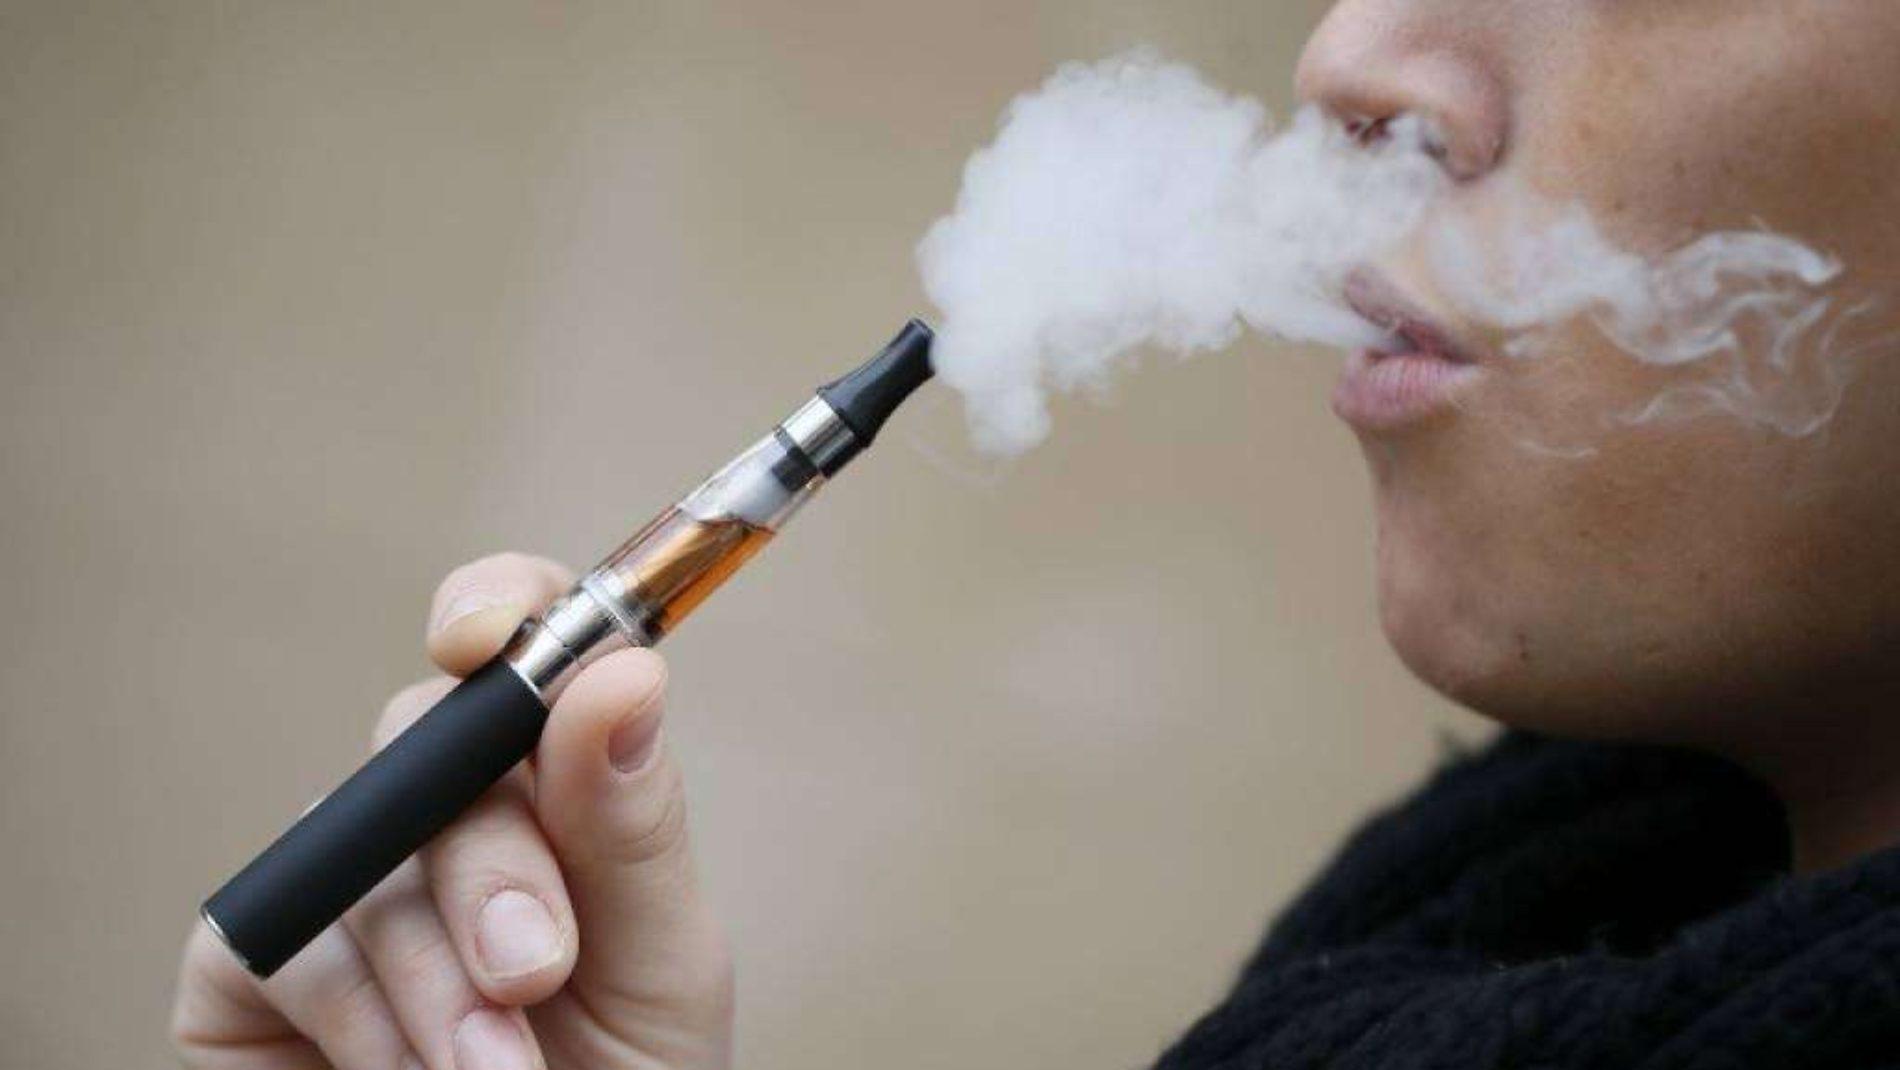 Sigaretta elettronica: miglior metodo fai da te per smettere